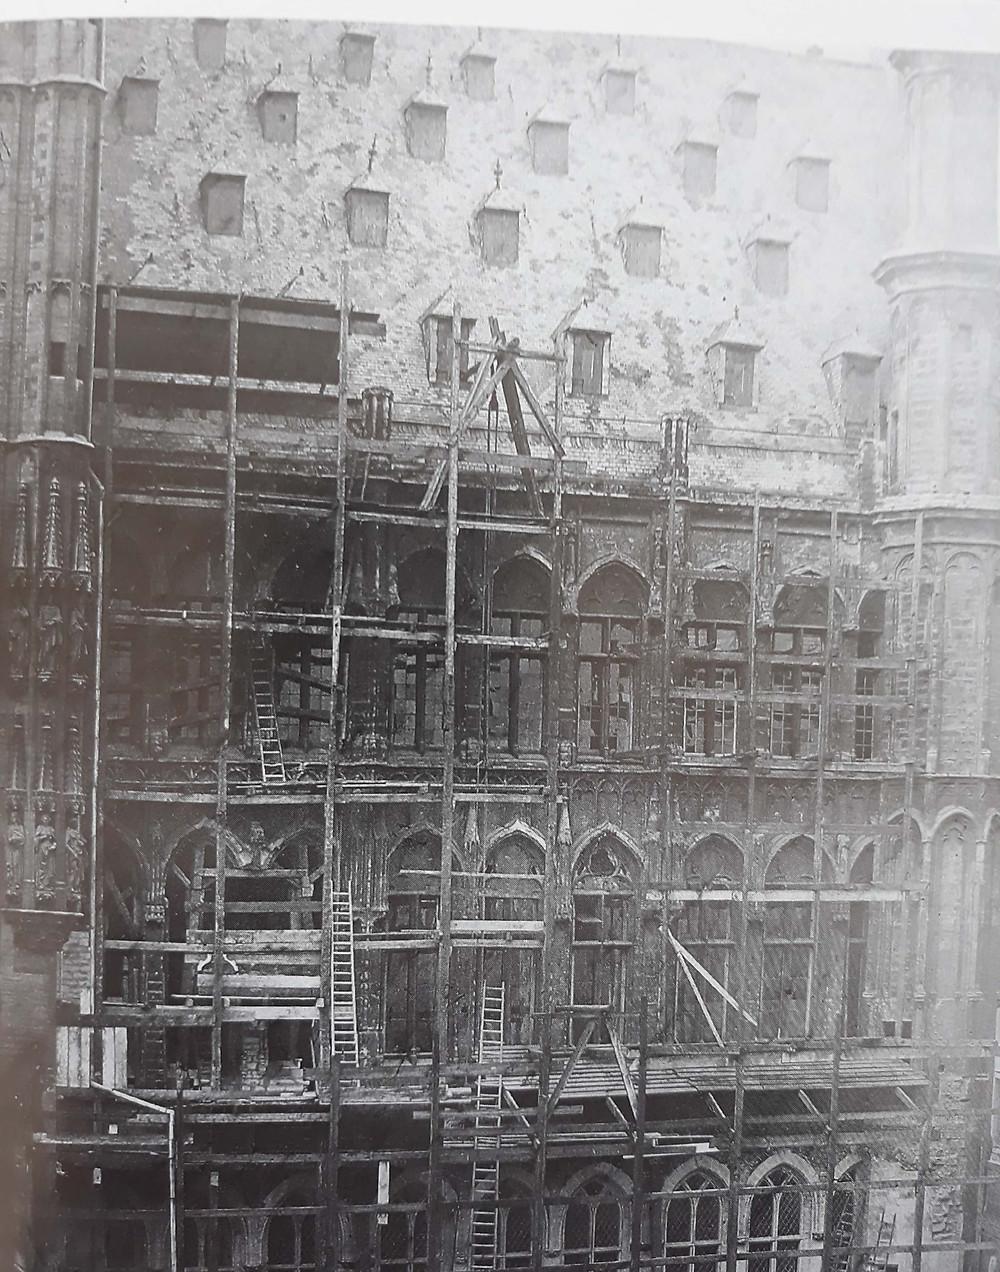 rénovation façade hôtel de ville Bruxelles 1873, visite guidée Grand-Place Bruxelles, Vincent Beckers